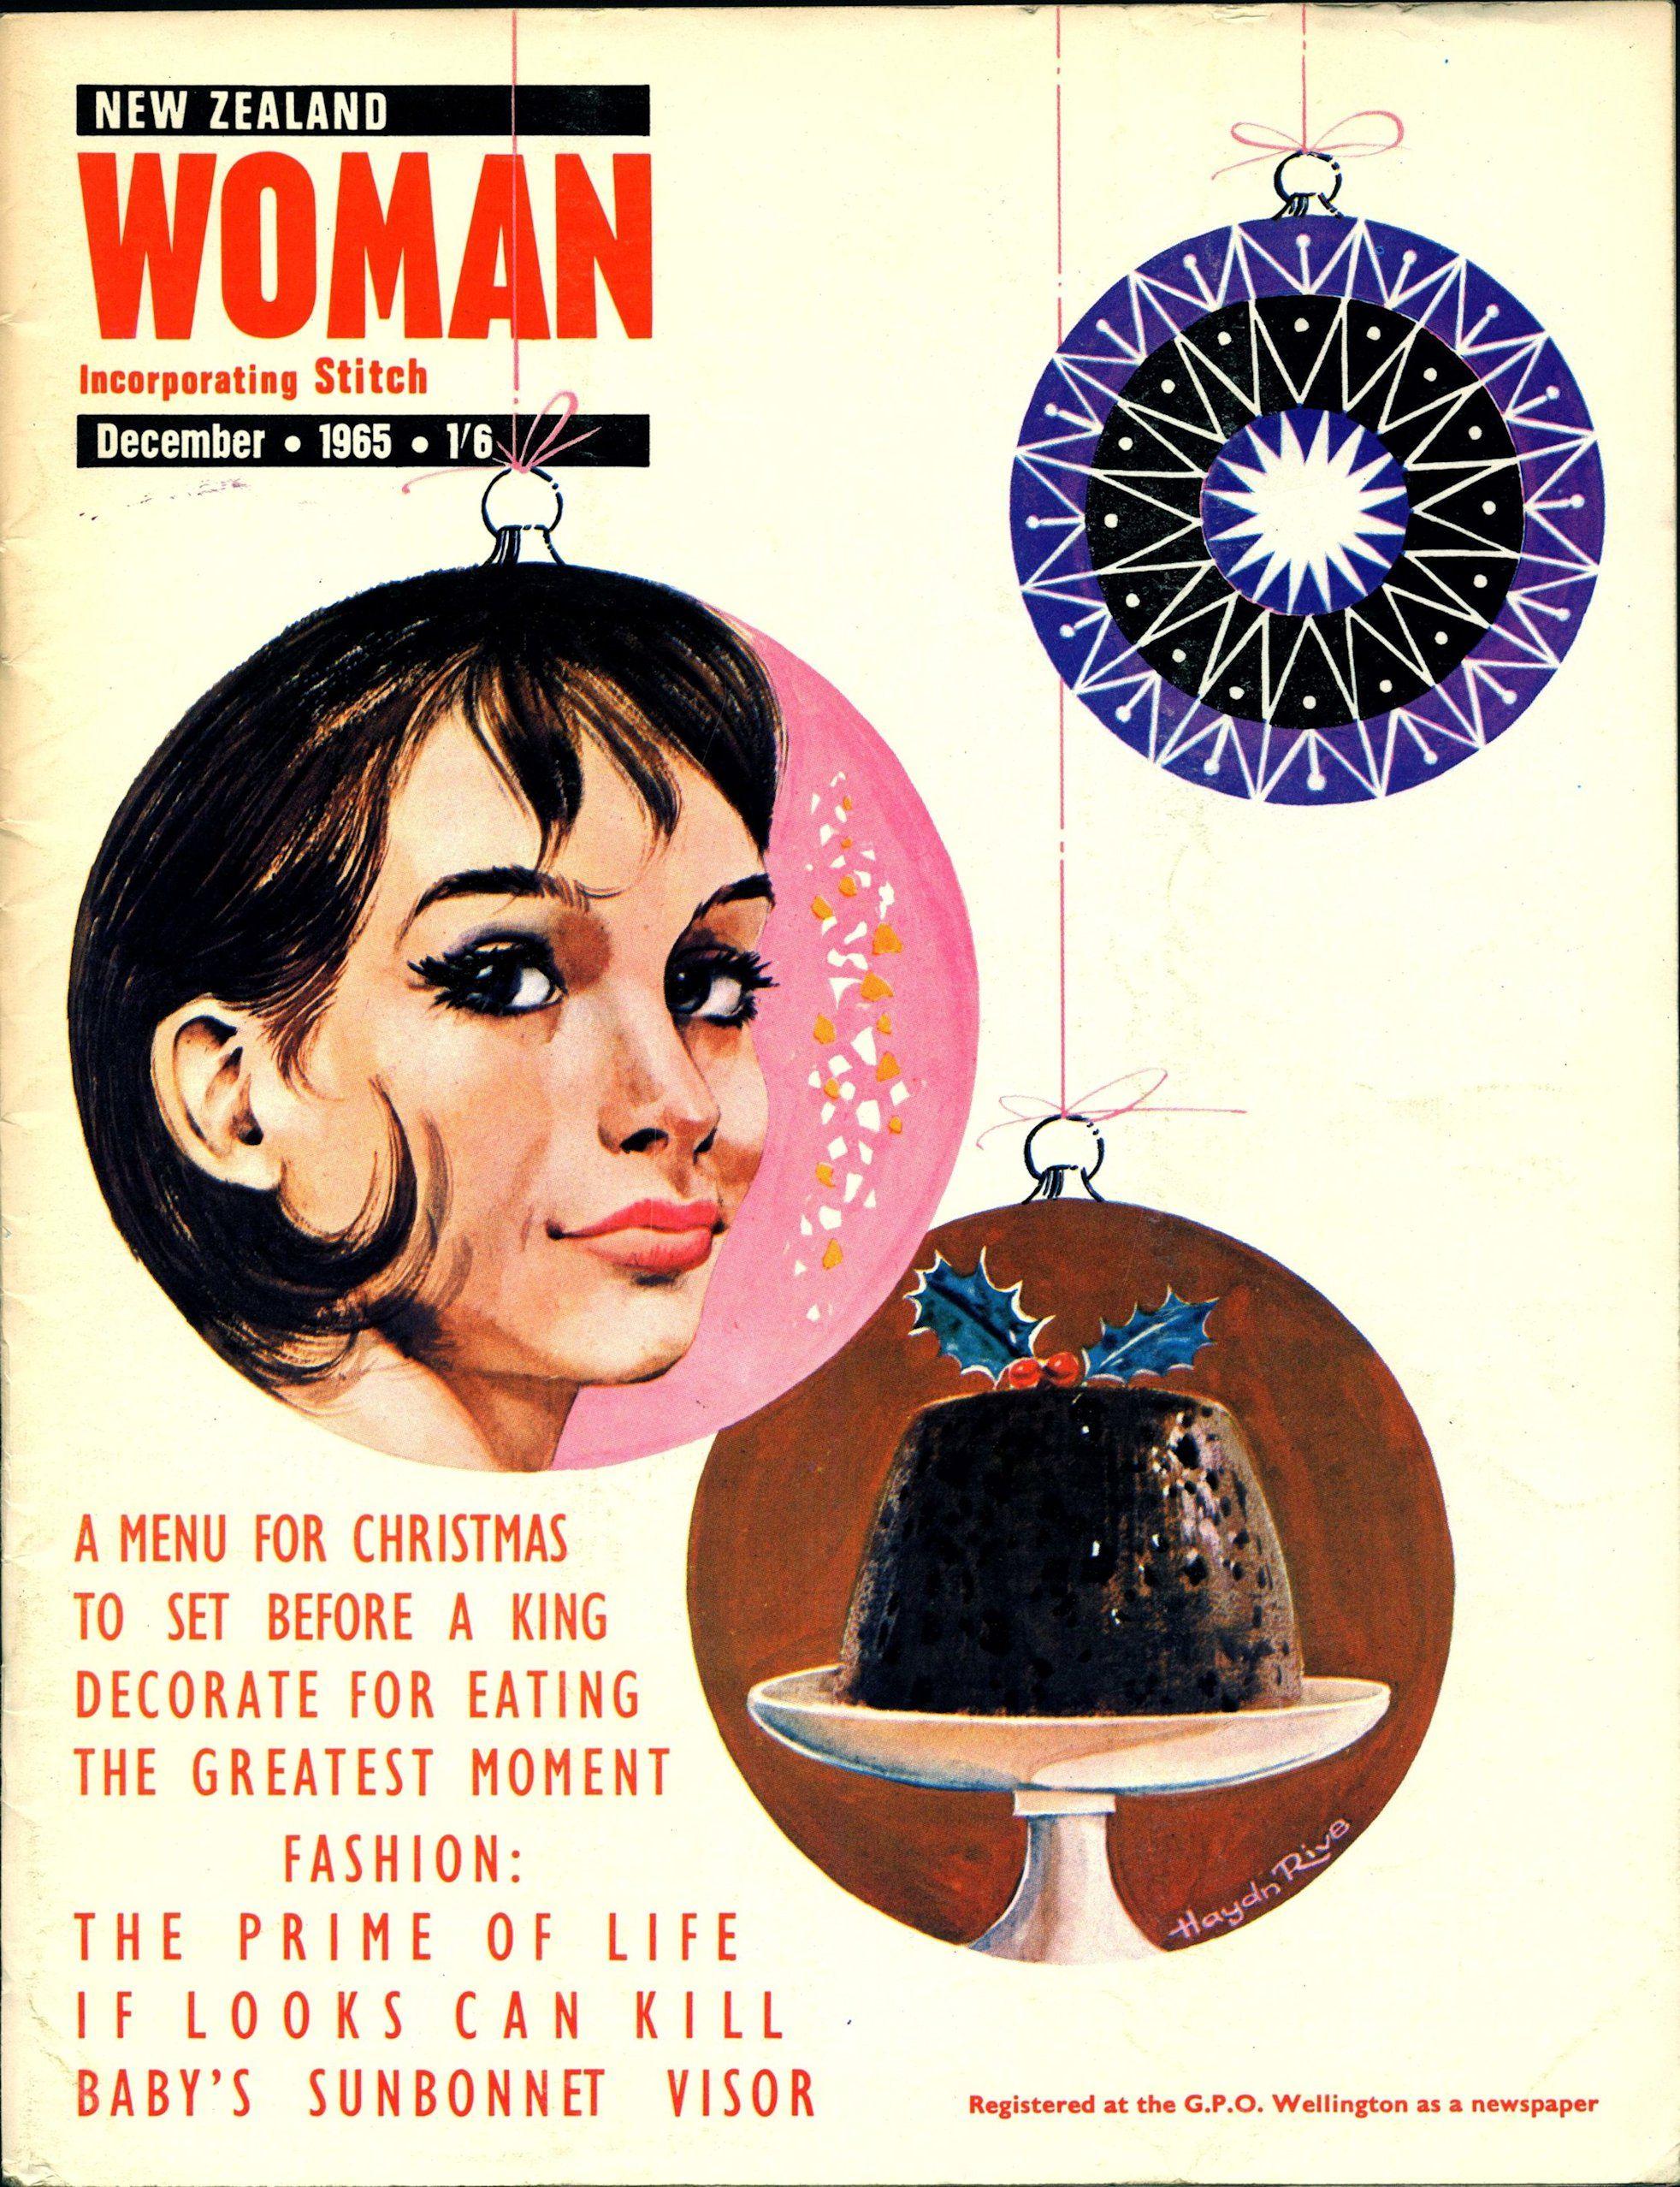 New Zealand Woman. December 1965.